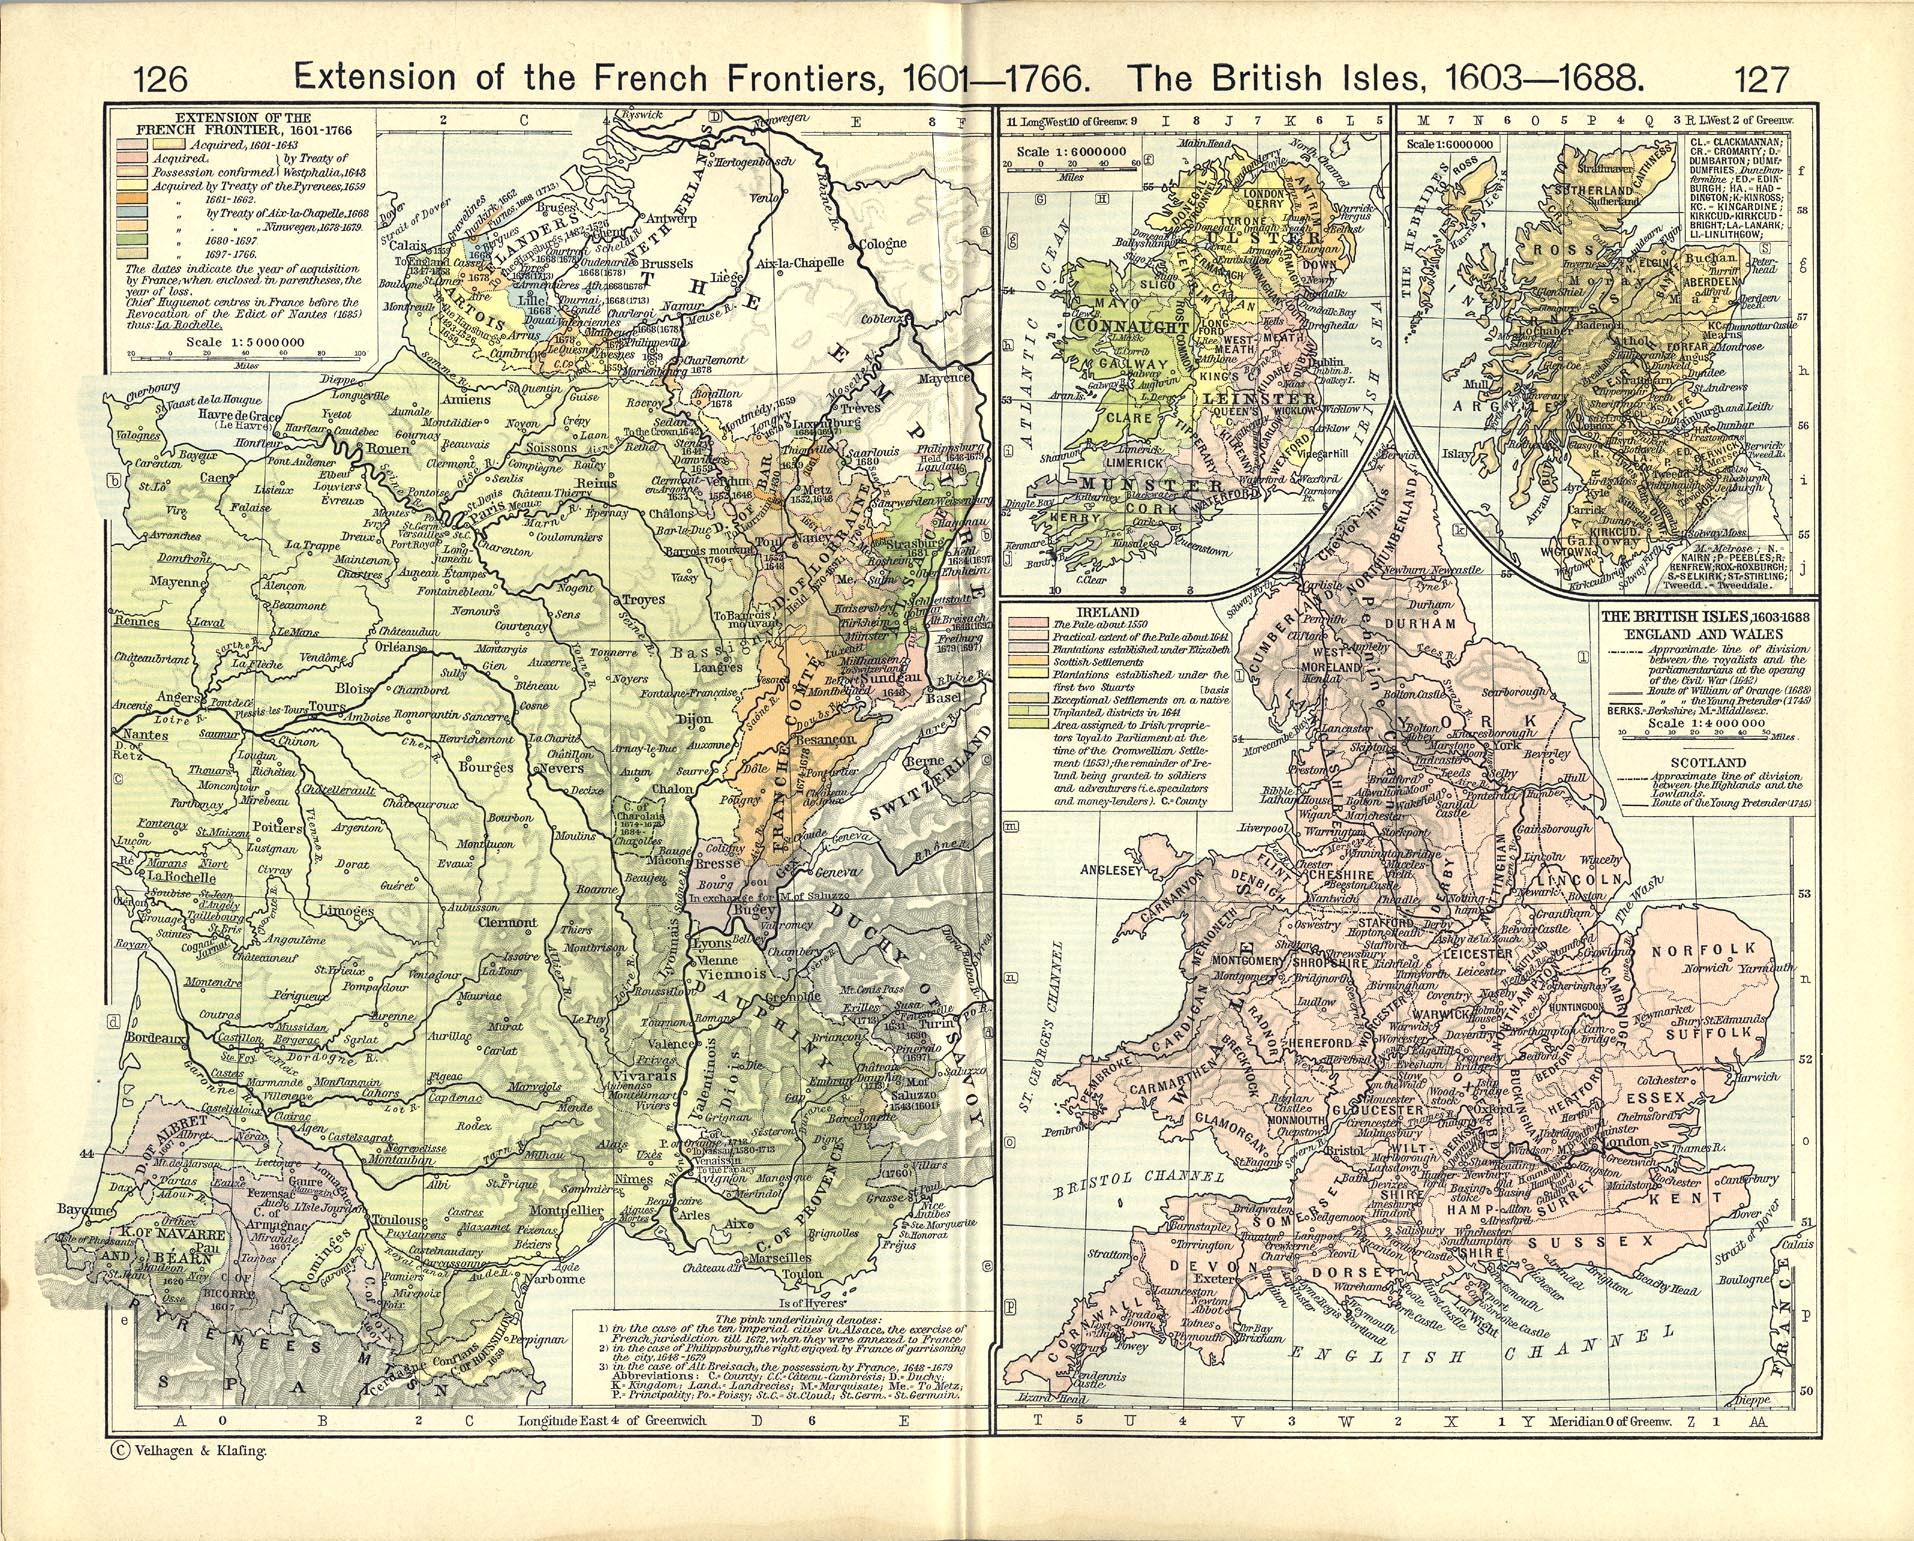 Mapa de las Islas Británicas 1603  - 1688